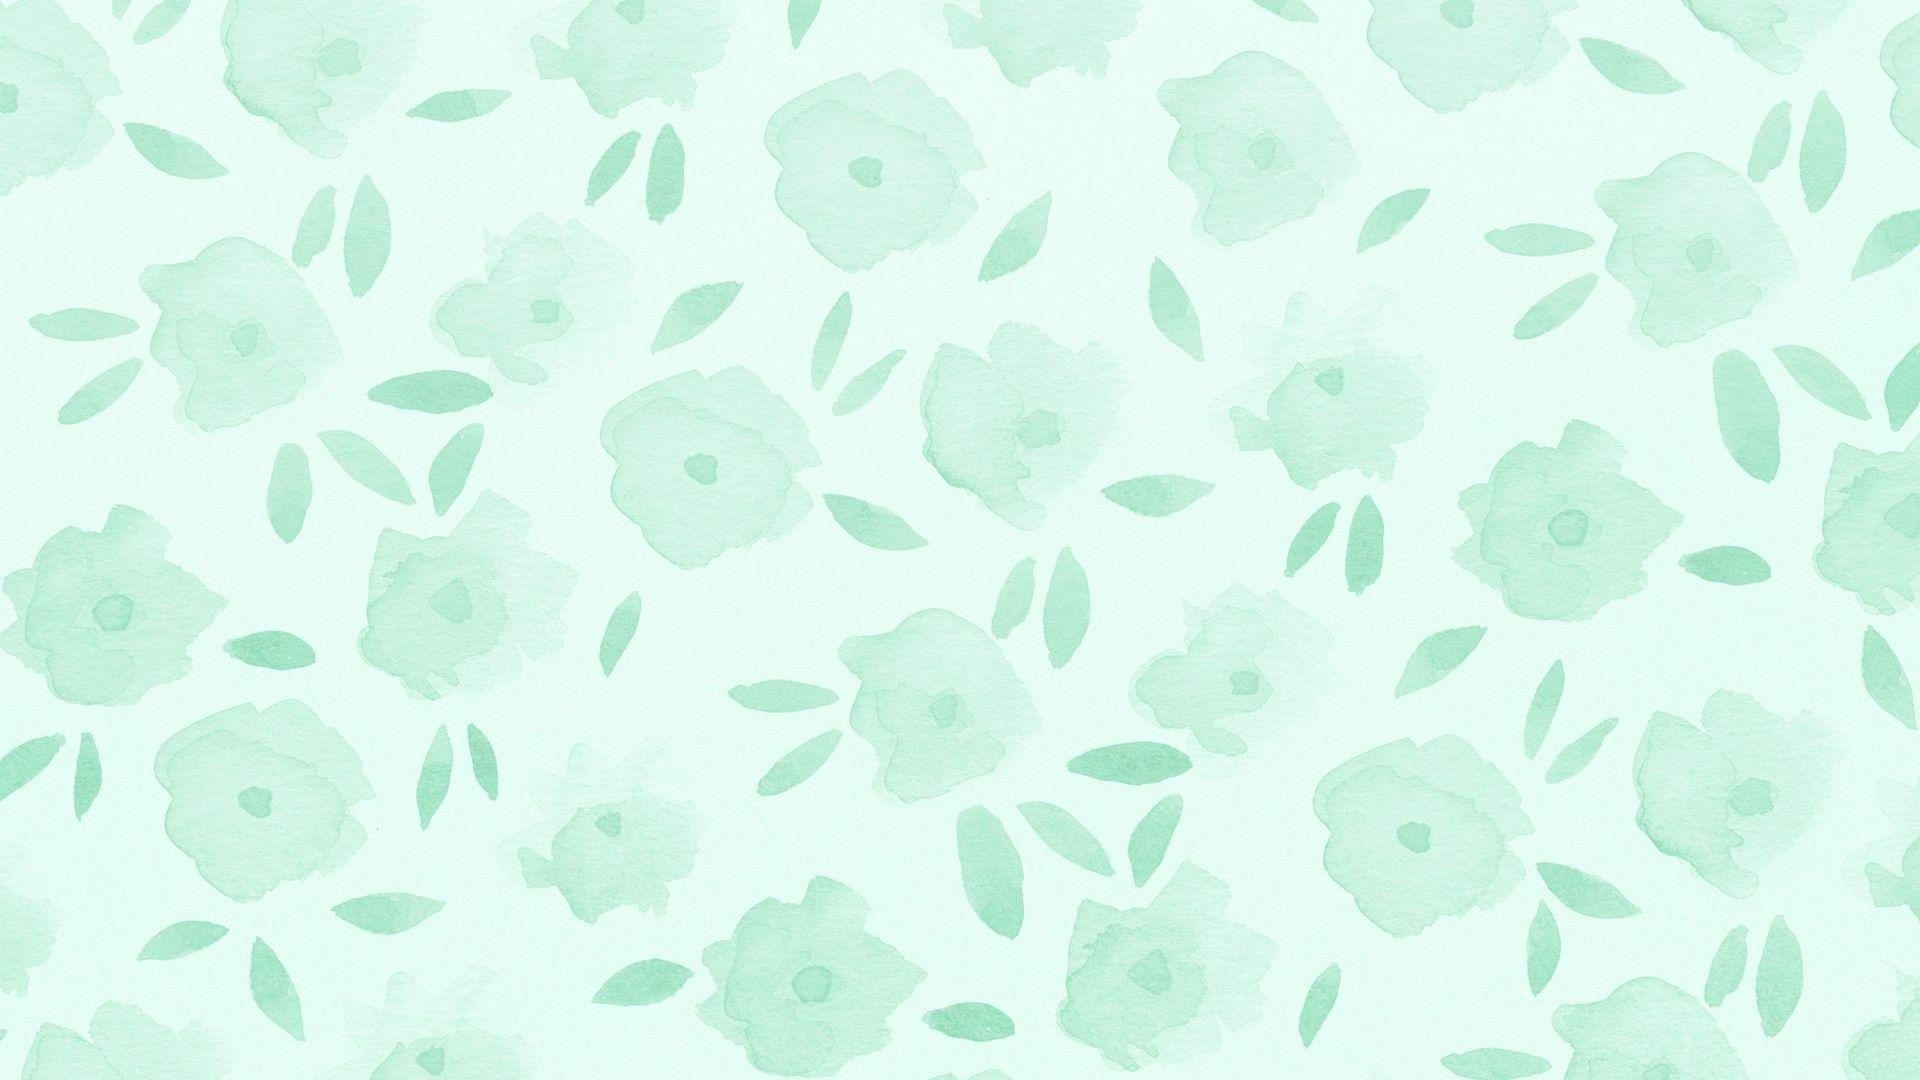 Wallpaper Mint Green Best Wallpaper Hd August Wallpaper Mint Green Wallpaper Green Aesthetic